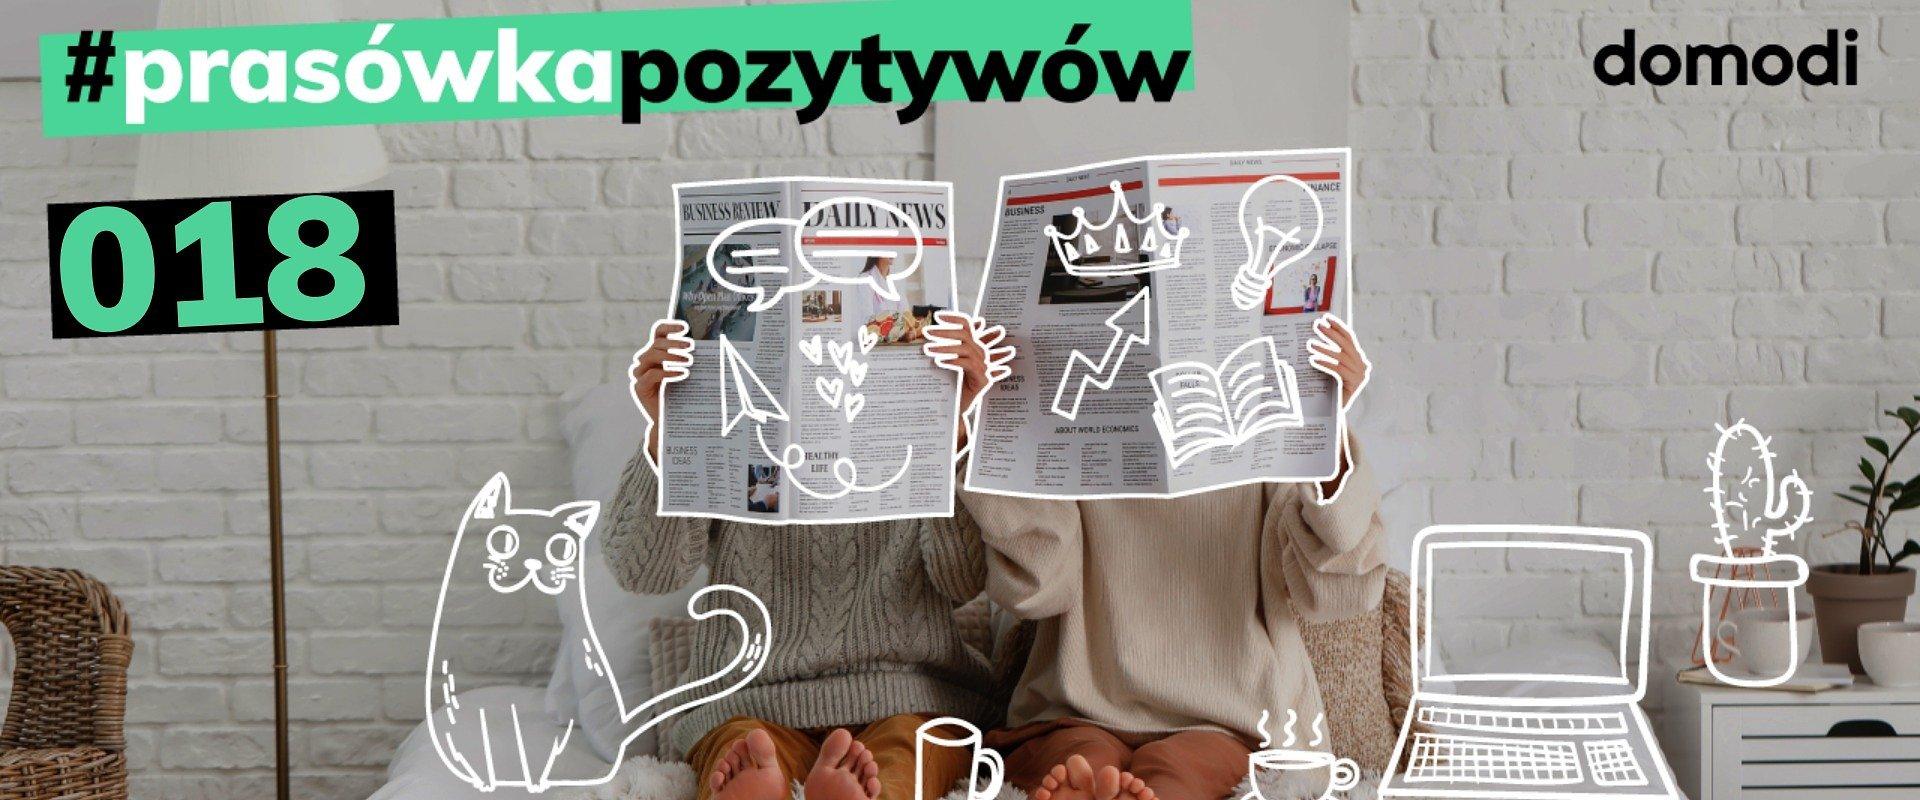 #prasówkapozytywów vol. 18